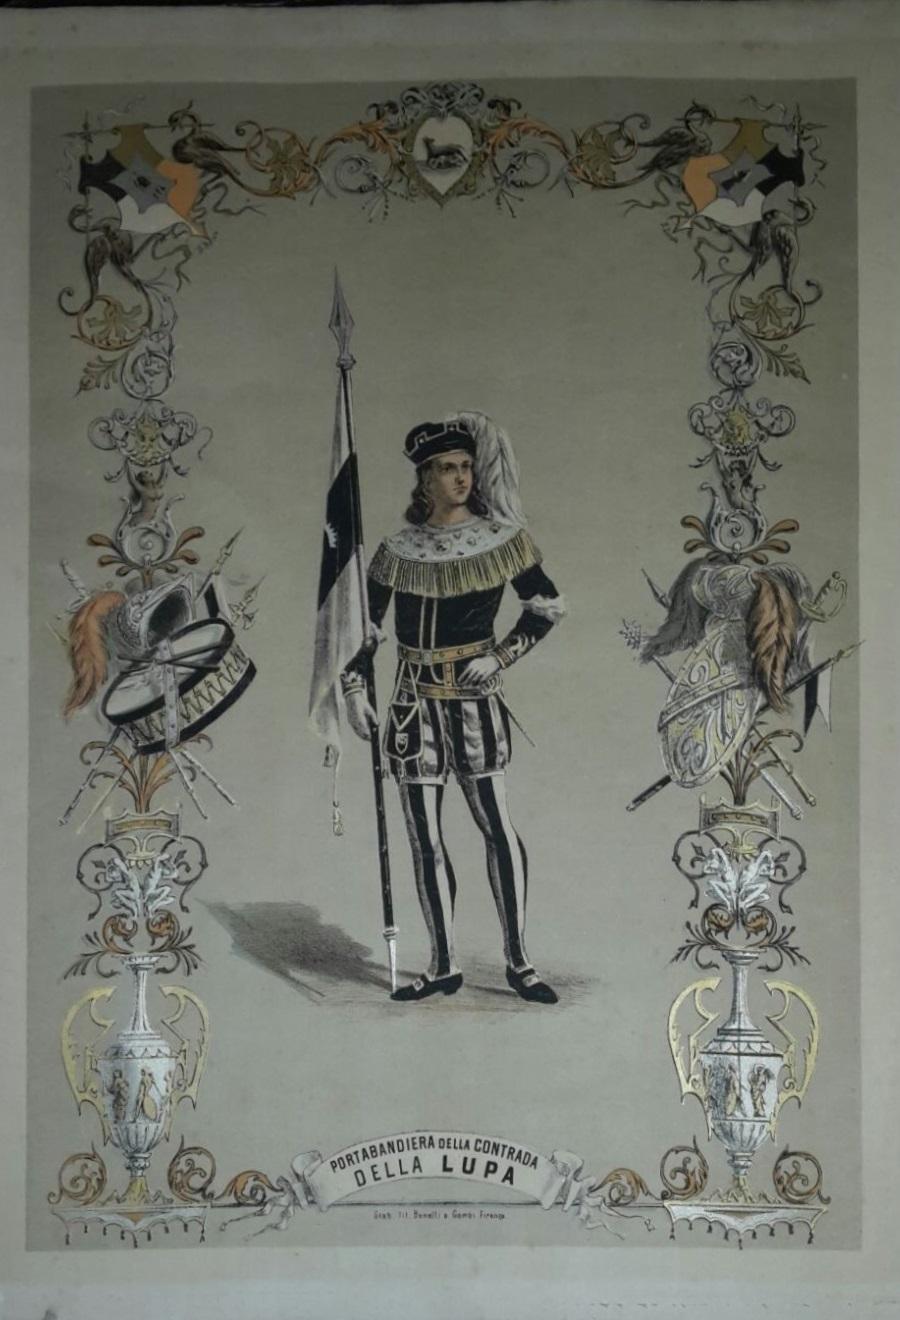 Stampa litografica raffigurante portabadiera della Contrada della Lupa realizzata alla fine dell'800 dagli Stabilimenti litografici Benelli e Gambi di Firenze